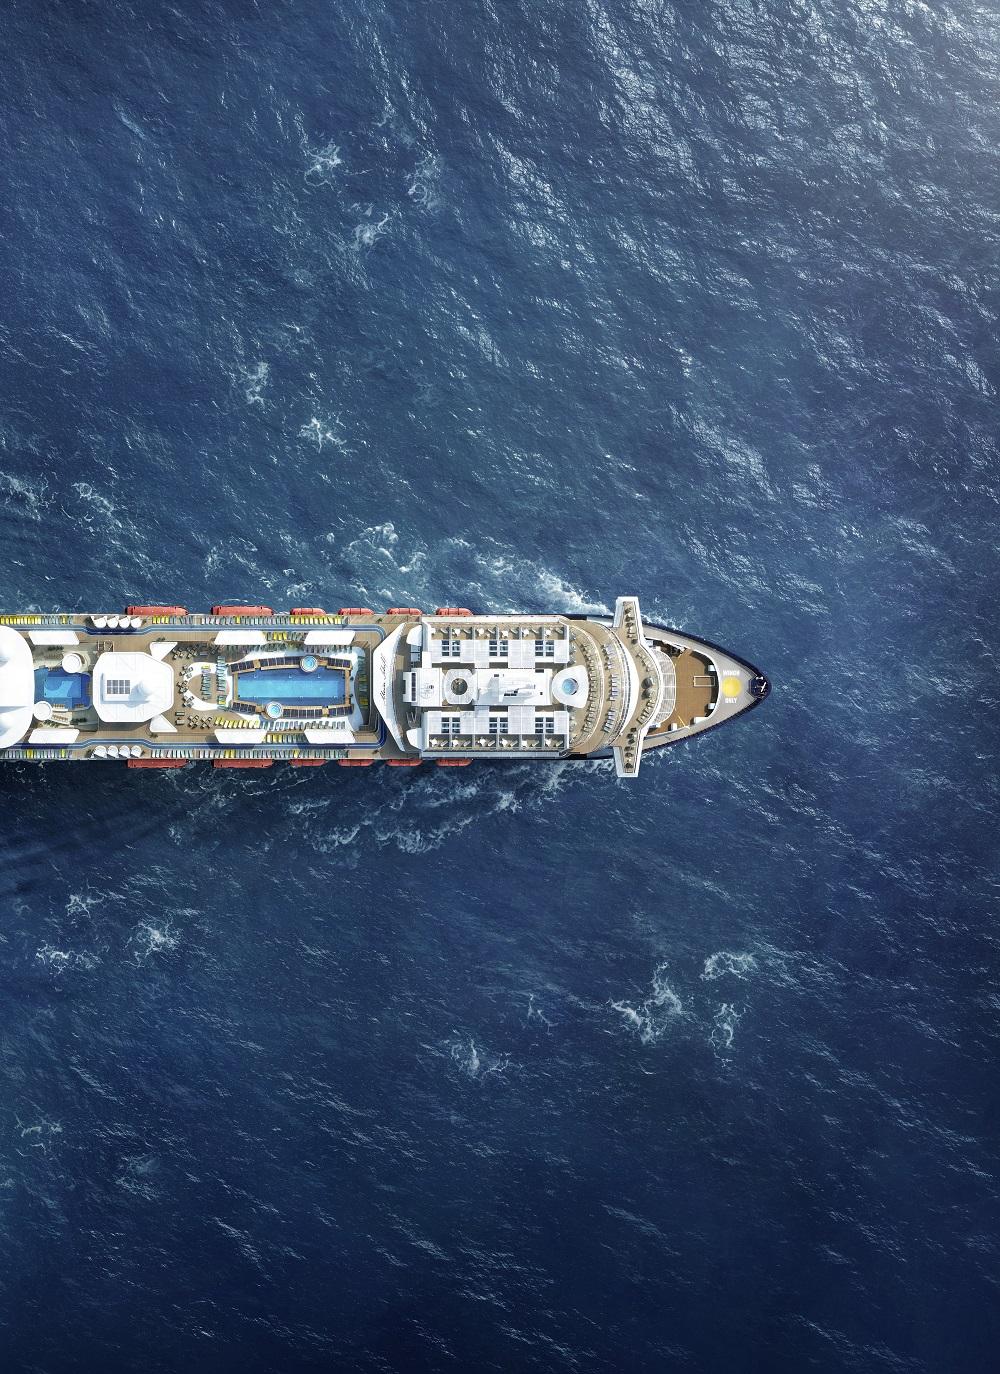 TUI Cruises hat Termine für Winter 2020 veröffentlicht: Ein - bis zweiwöchige Kreuzfahrten um die Kanaren mit Landausflügen und Kurztrips